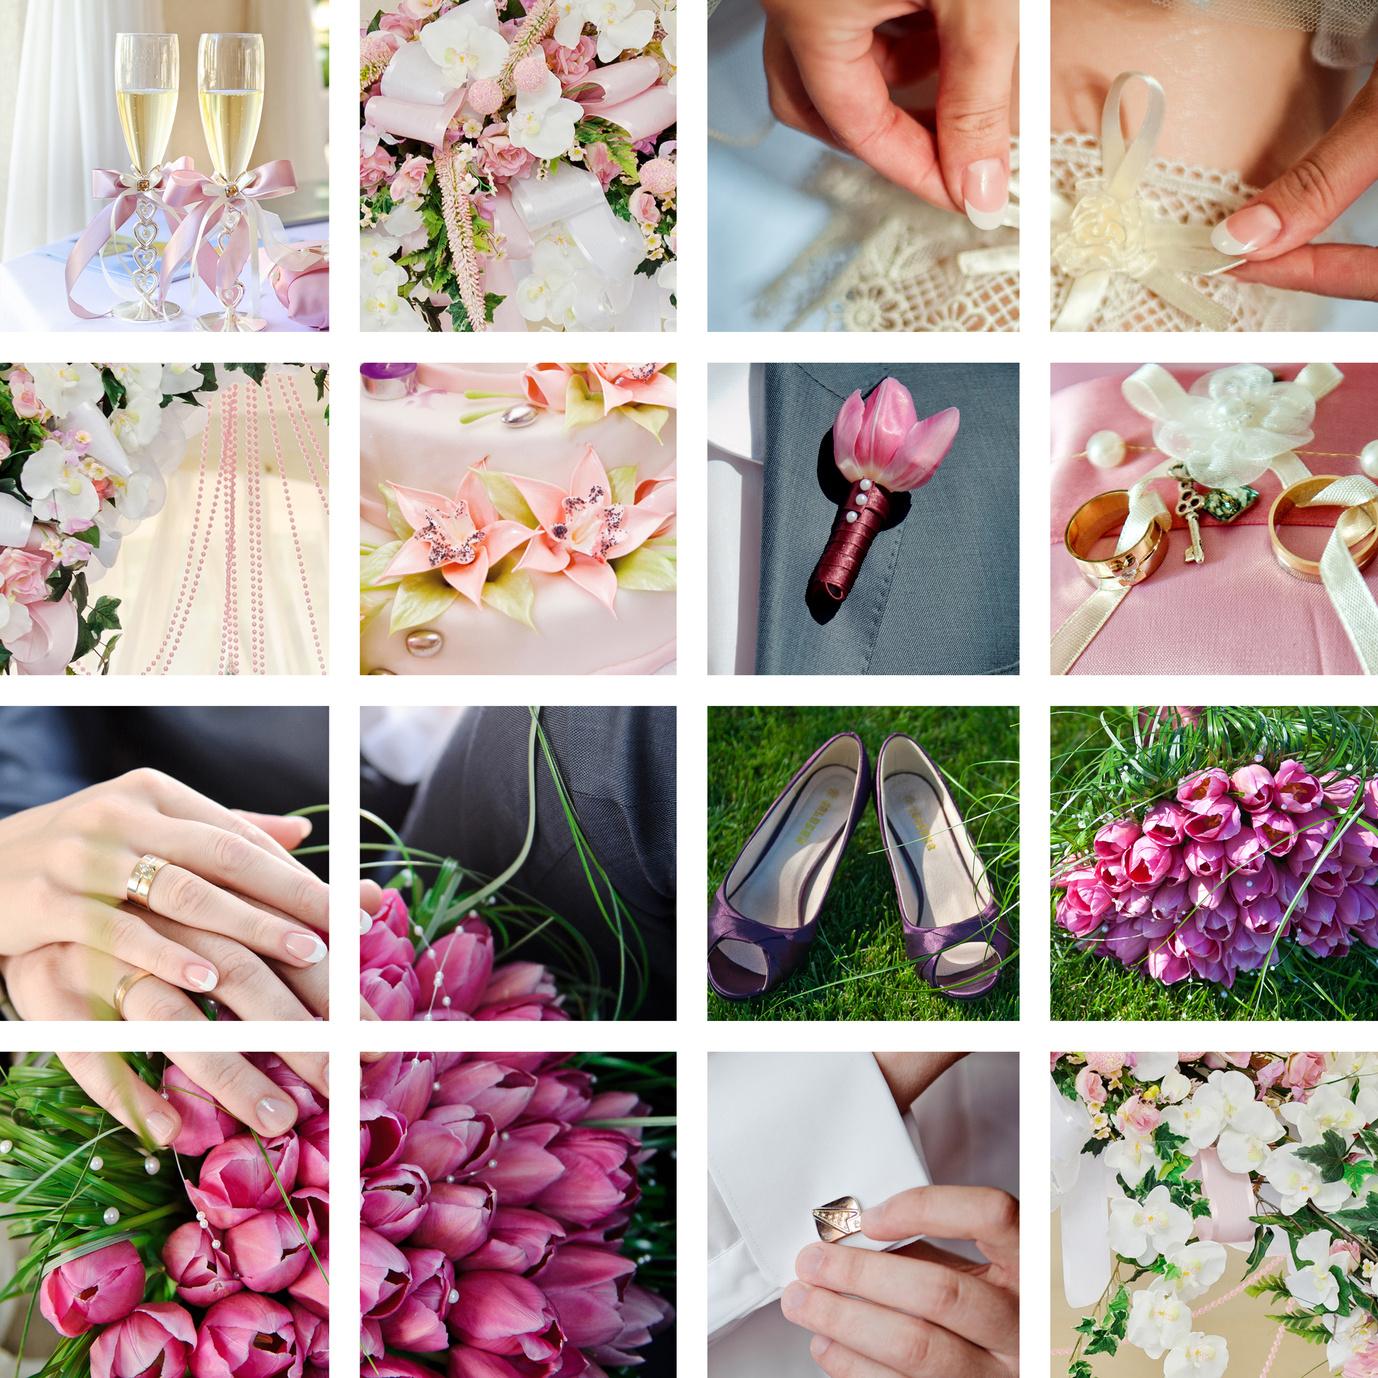 Blumenschmuck kirche hochzeit rosa alle guten ideen ber Rosa tischdeko hochzeit